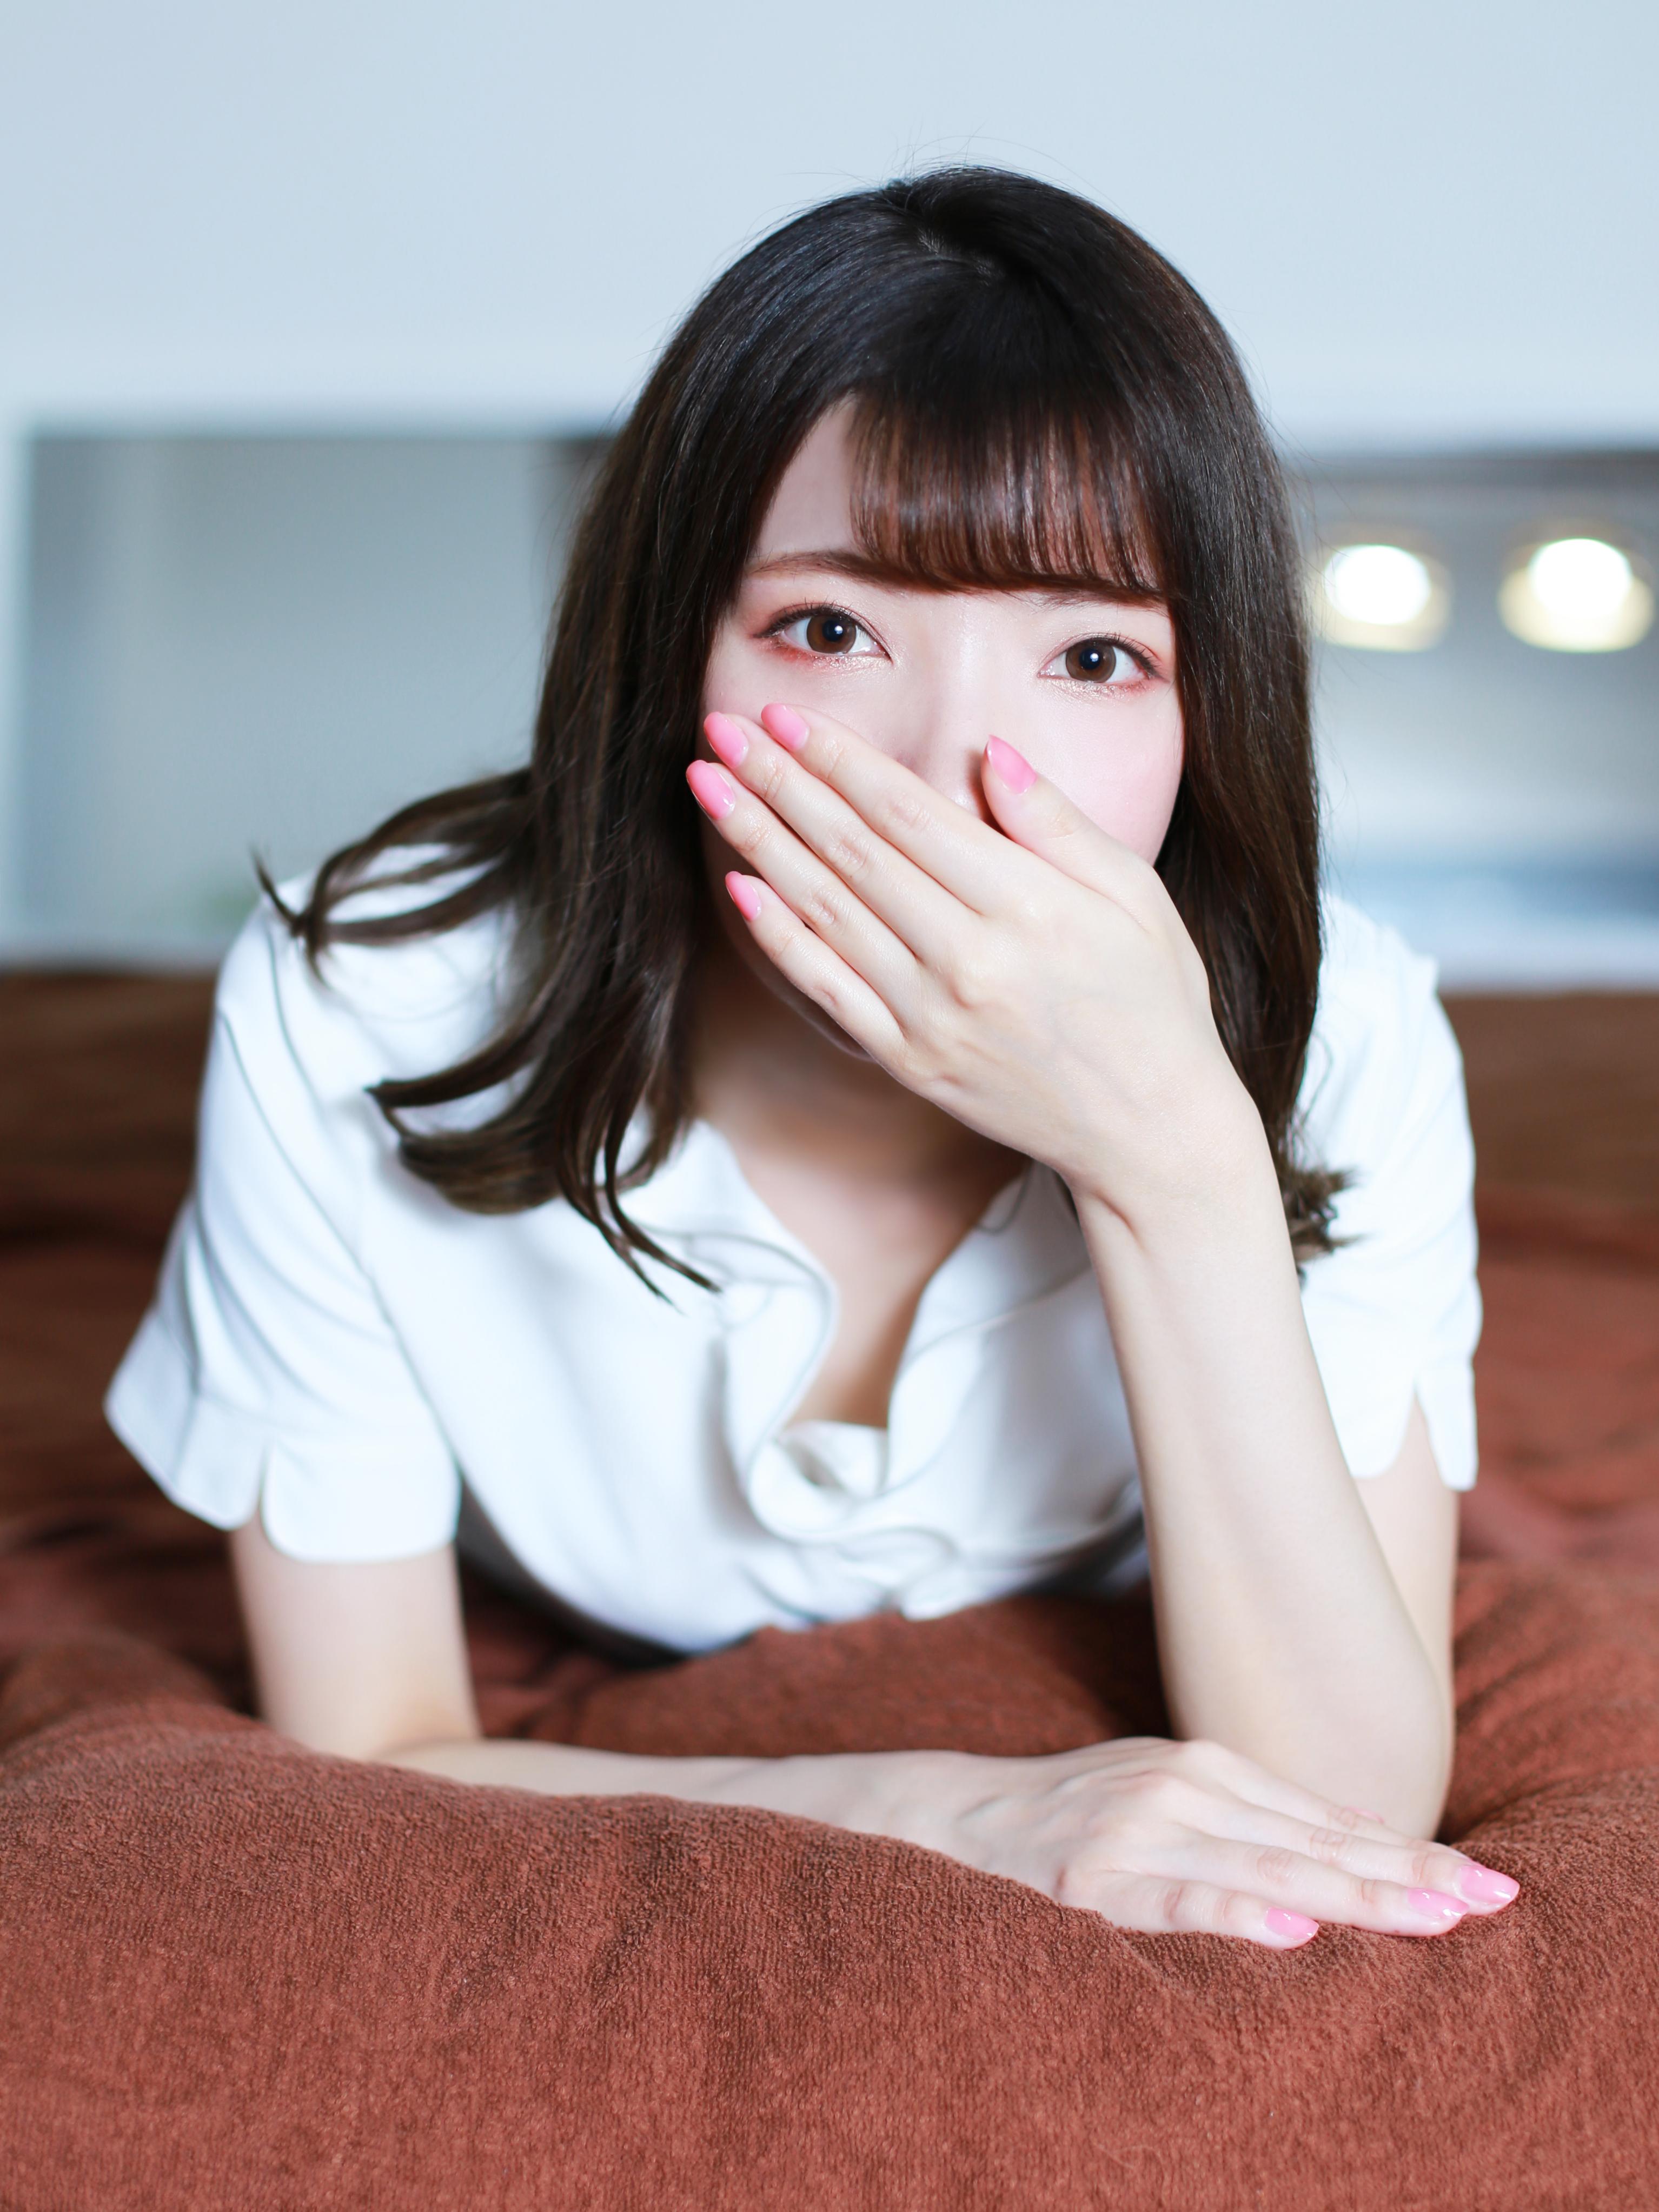 ナオ☆キュートな笑顔に一目ぼれ注意♪